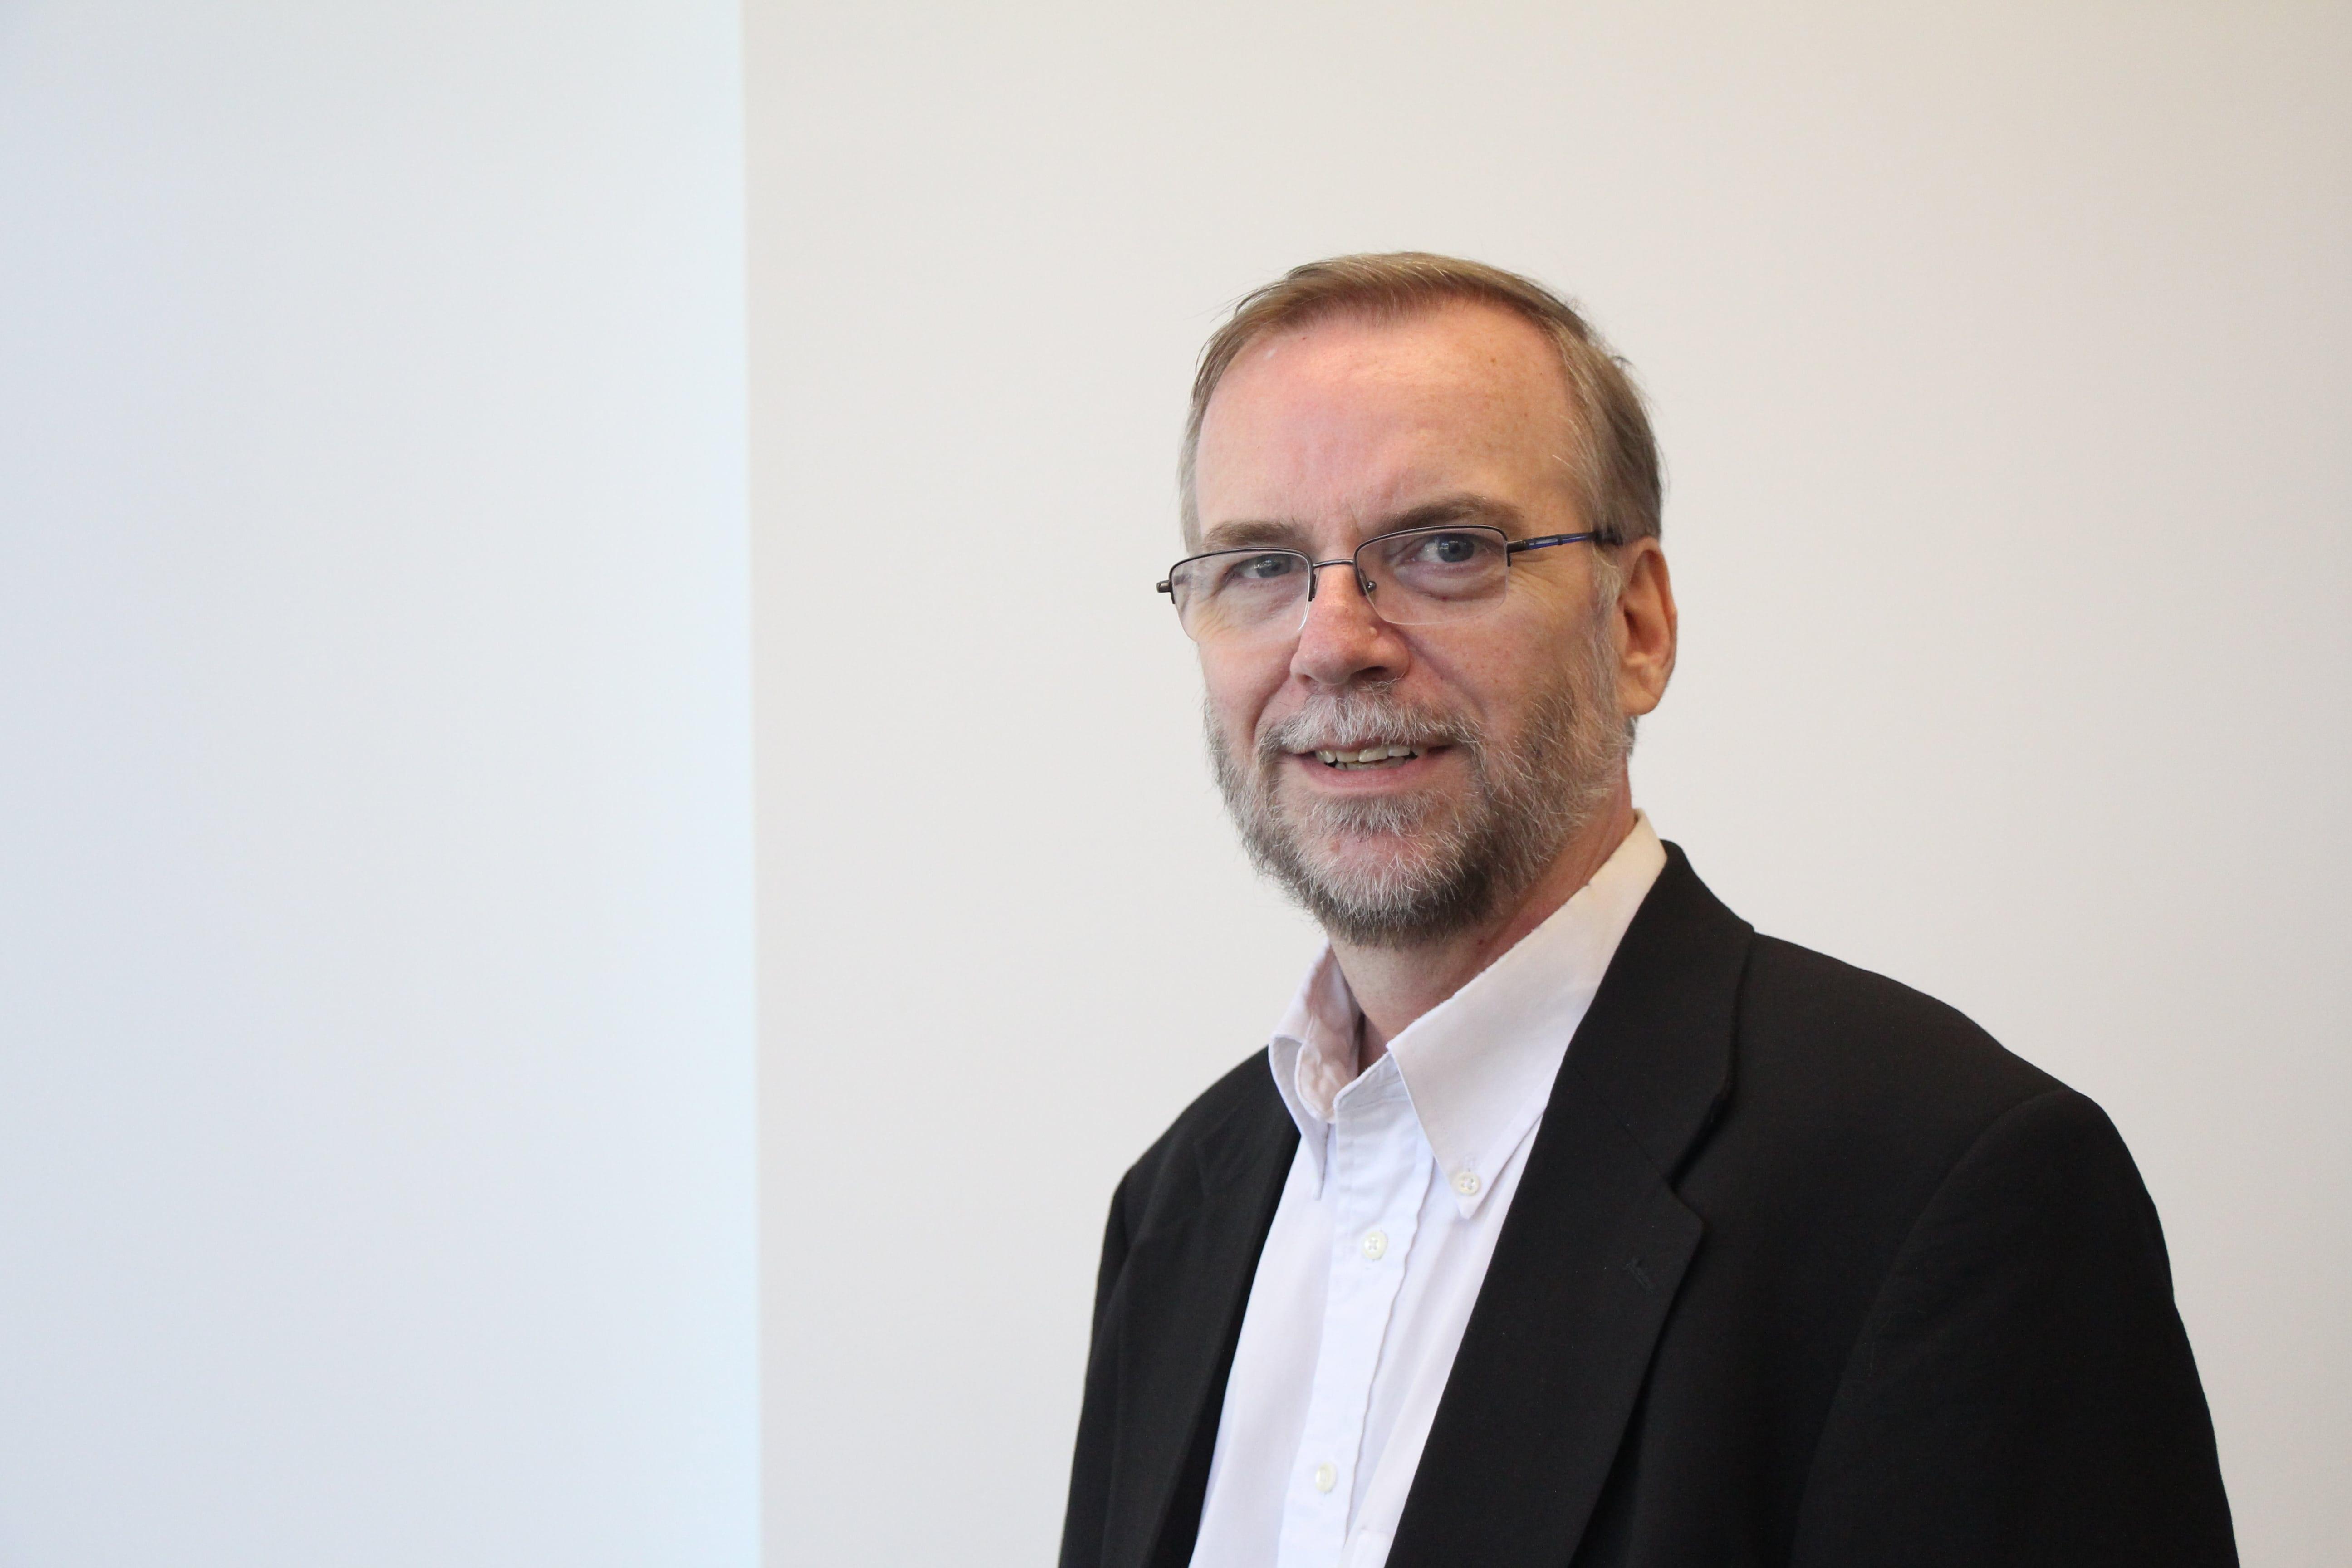 Funeral Details for Journalism Professor Barry Hollander